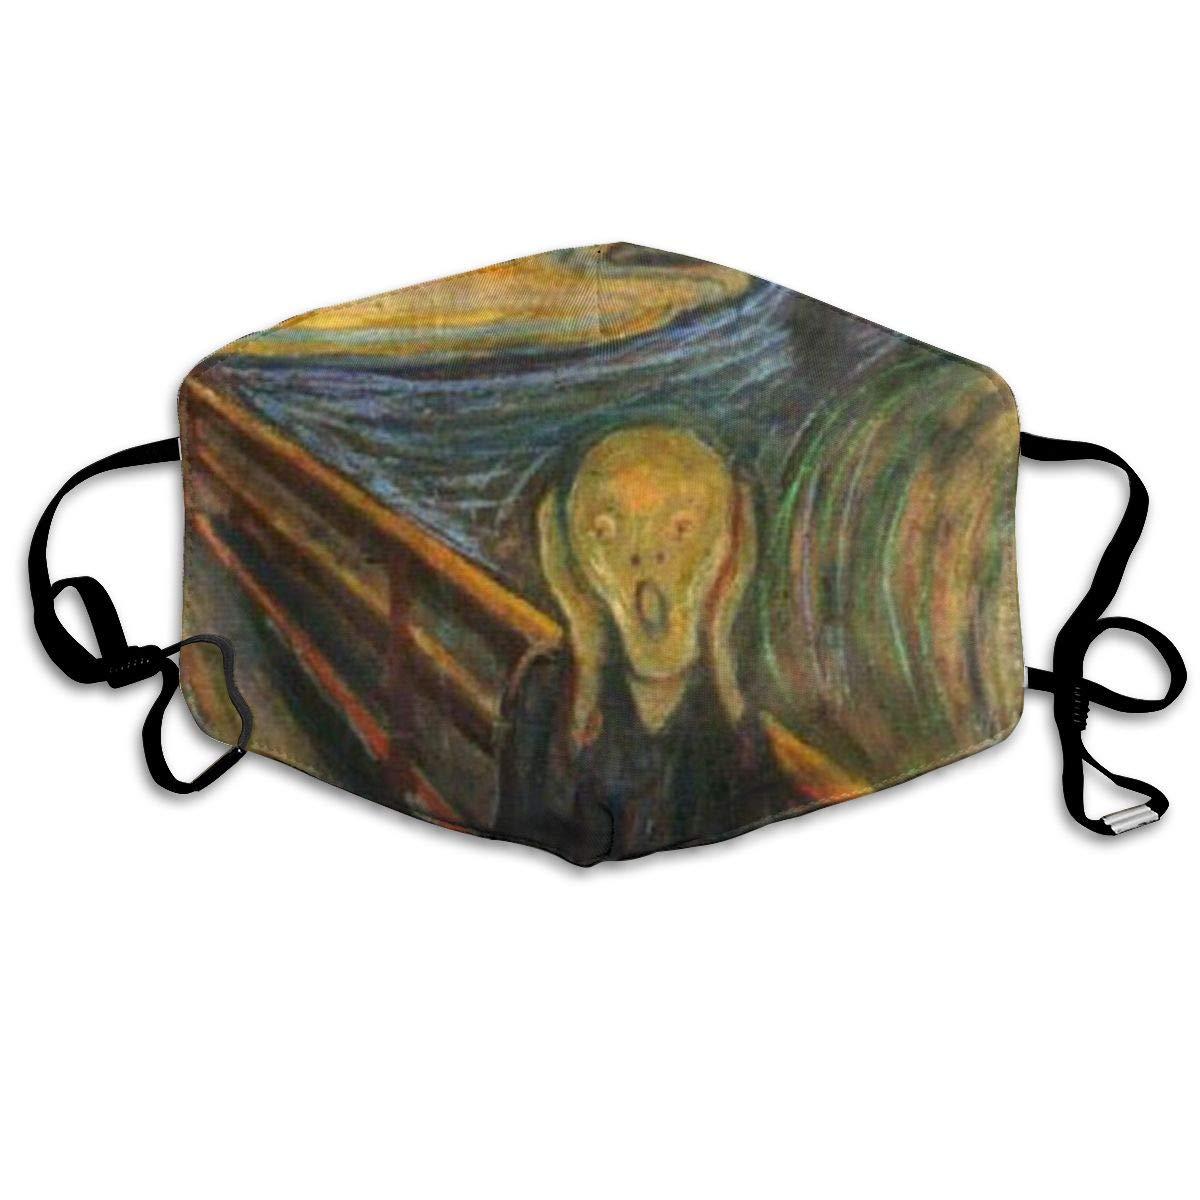 Máscara de boca The Scream de Edvard Munch Masks-transpirable ajustable a prueba de viento boca-Muffle, Camping Running para mujeres y 20 piezas PM2.5 de algodón unisex, mascarilla facial Anti-humo transpirable y lavable con mufla bucal para ciclismo